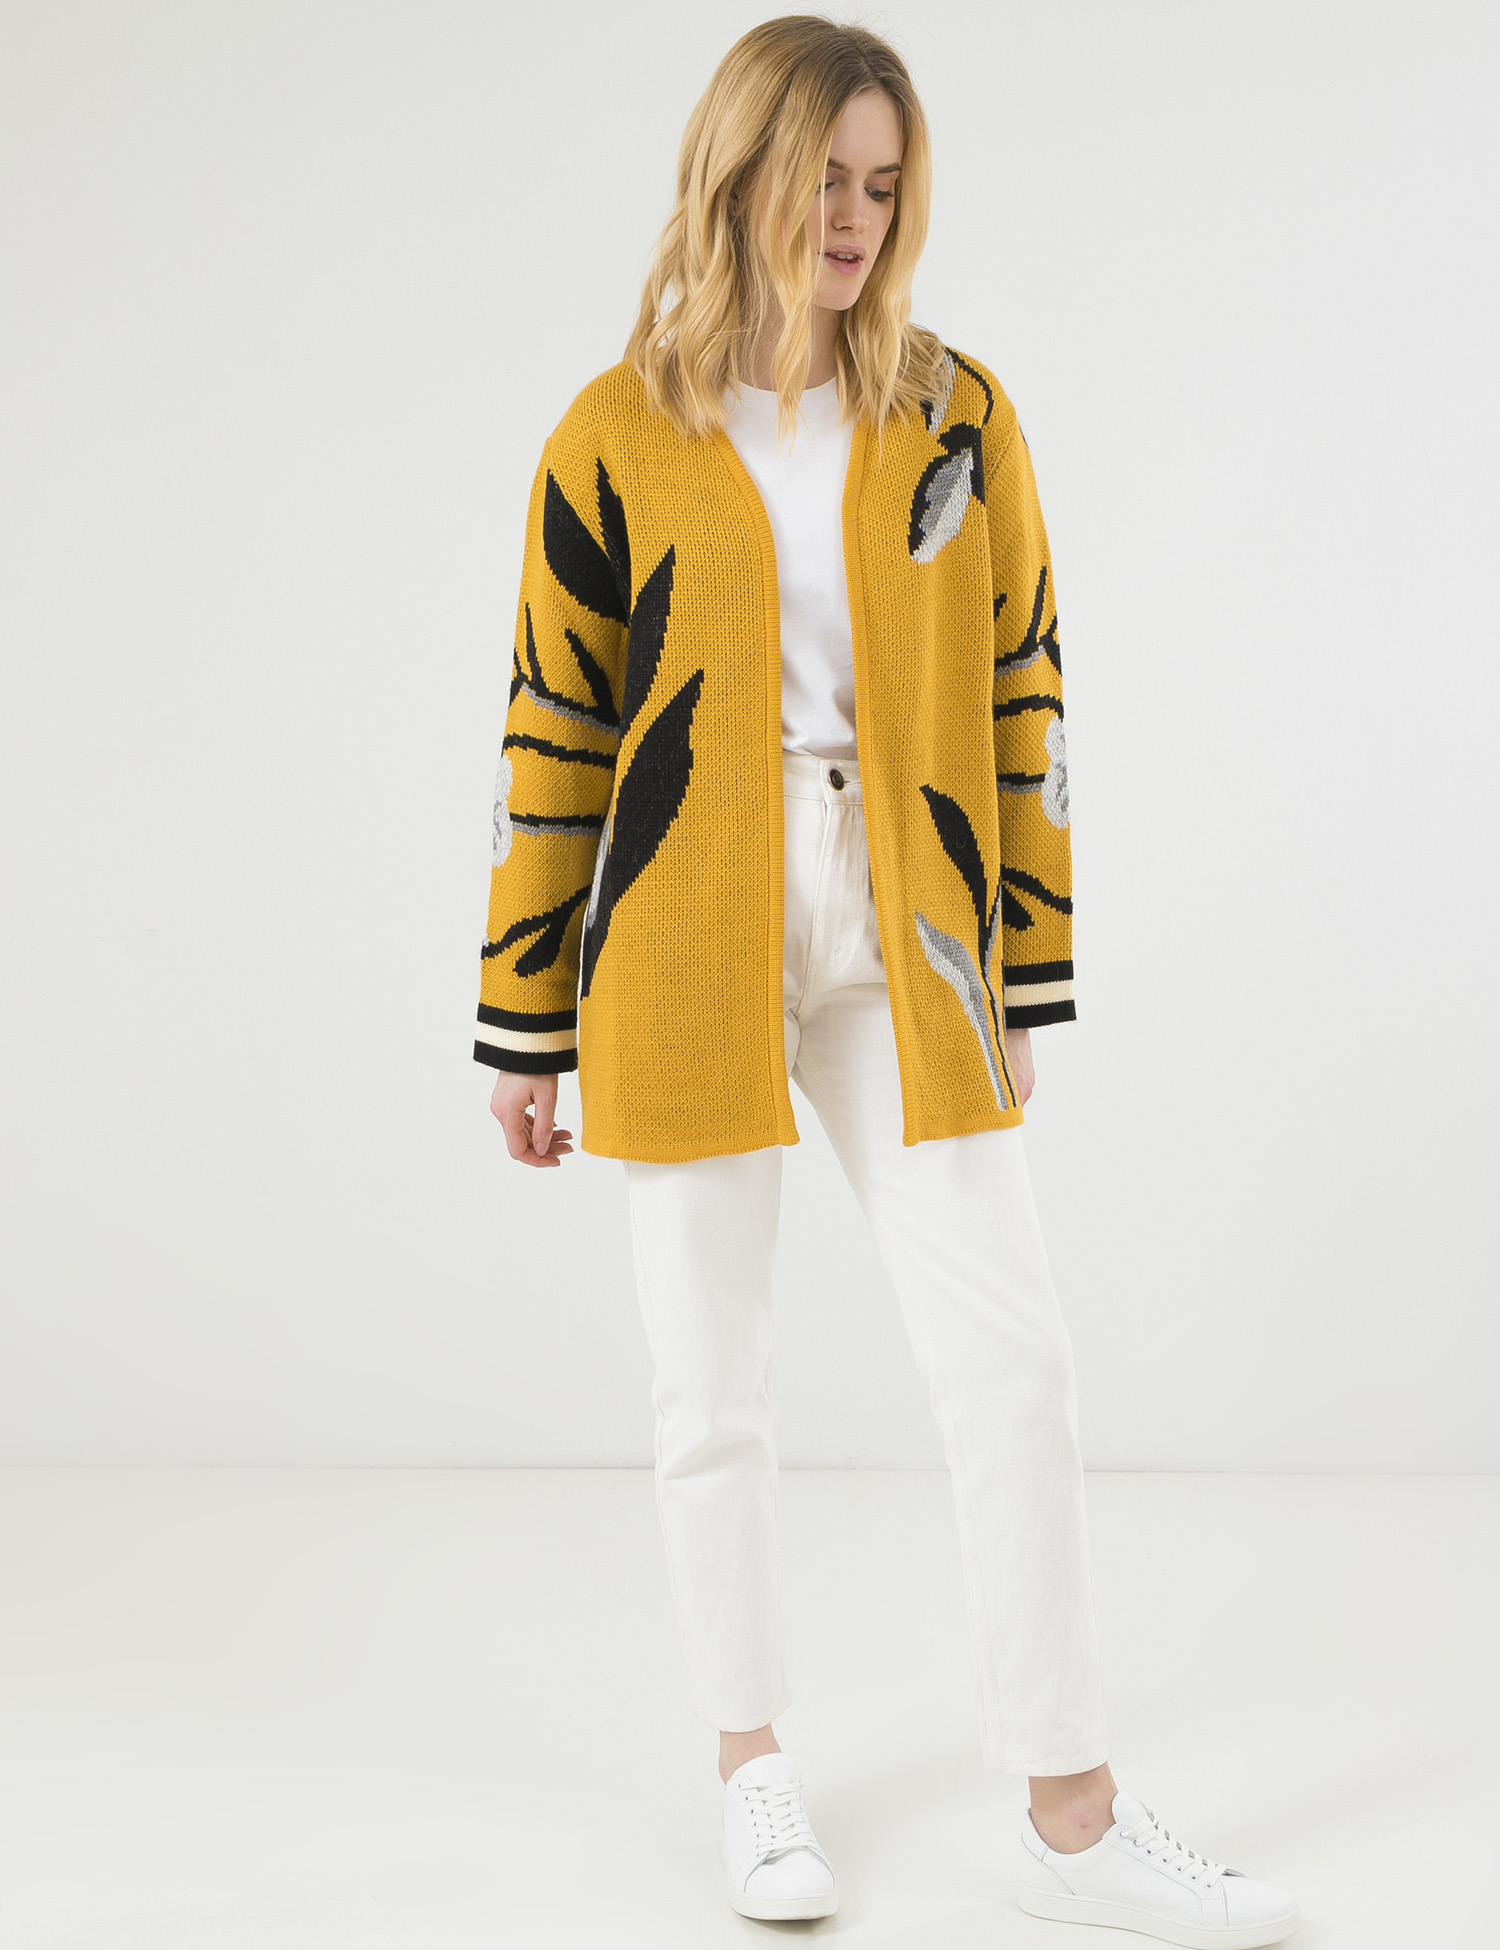 модный кардиган осень зима 2021 украинский бренд желтый принт